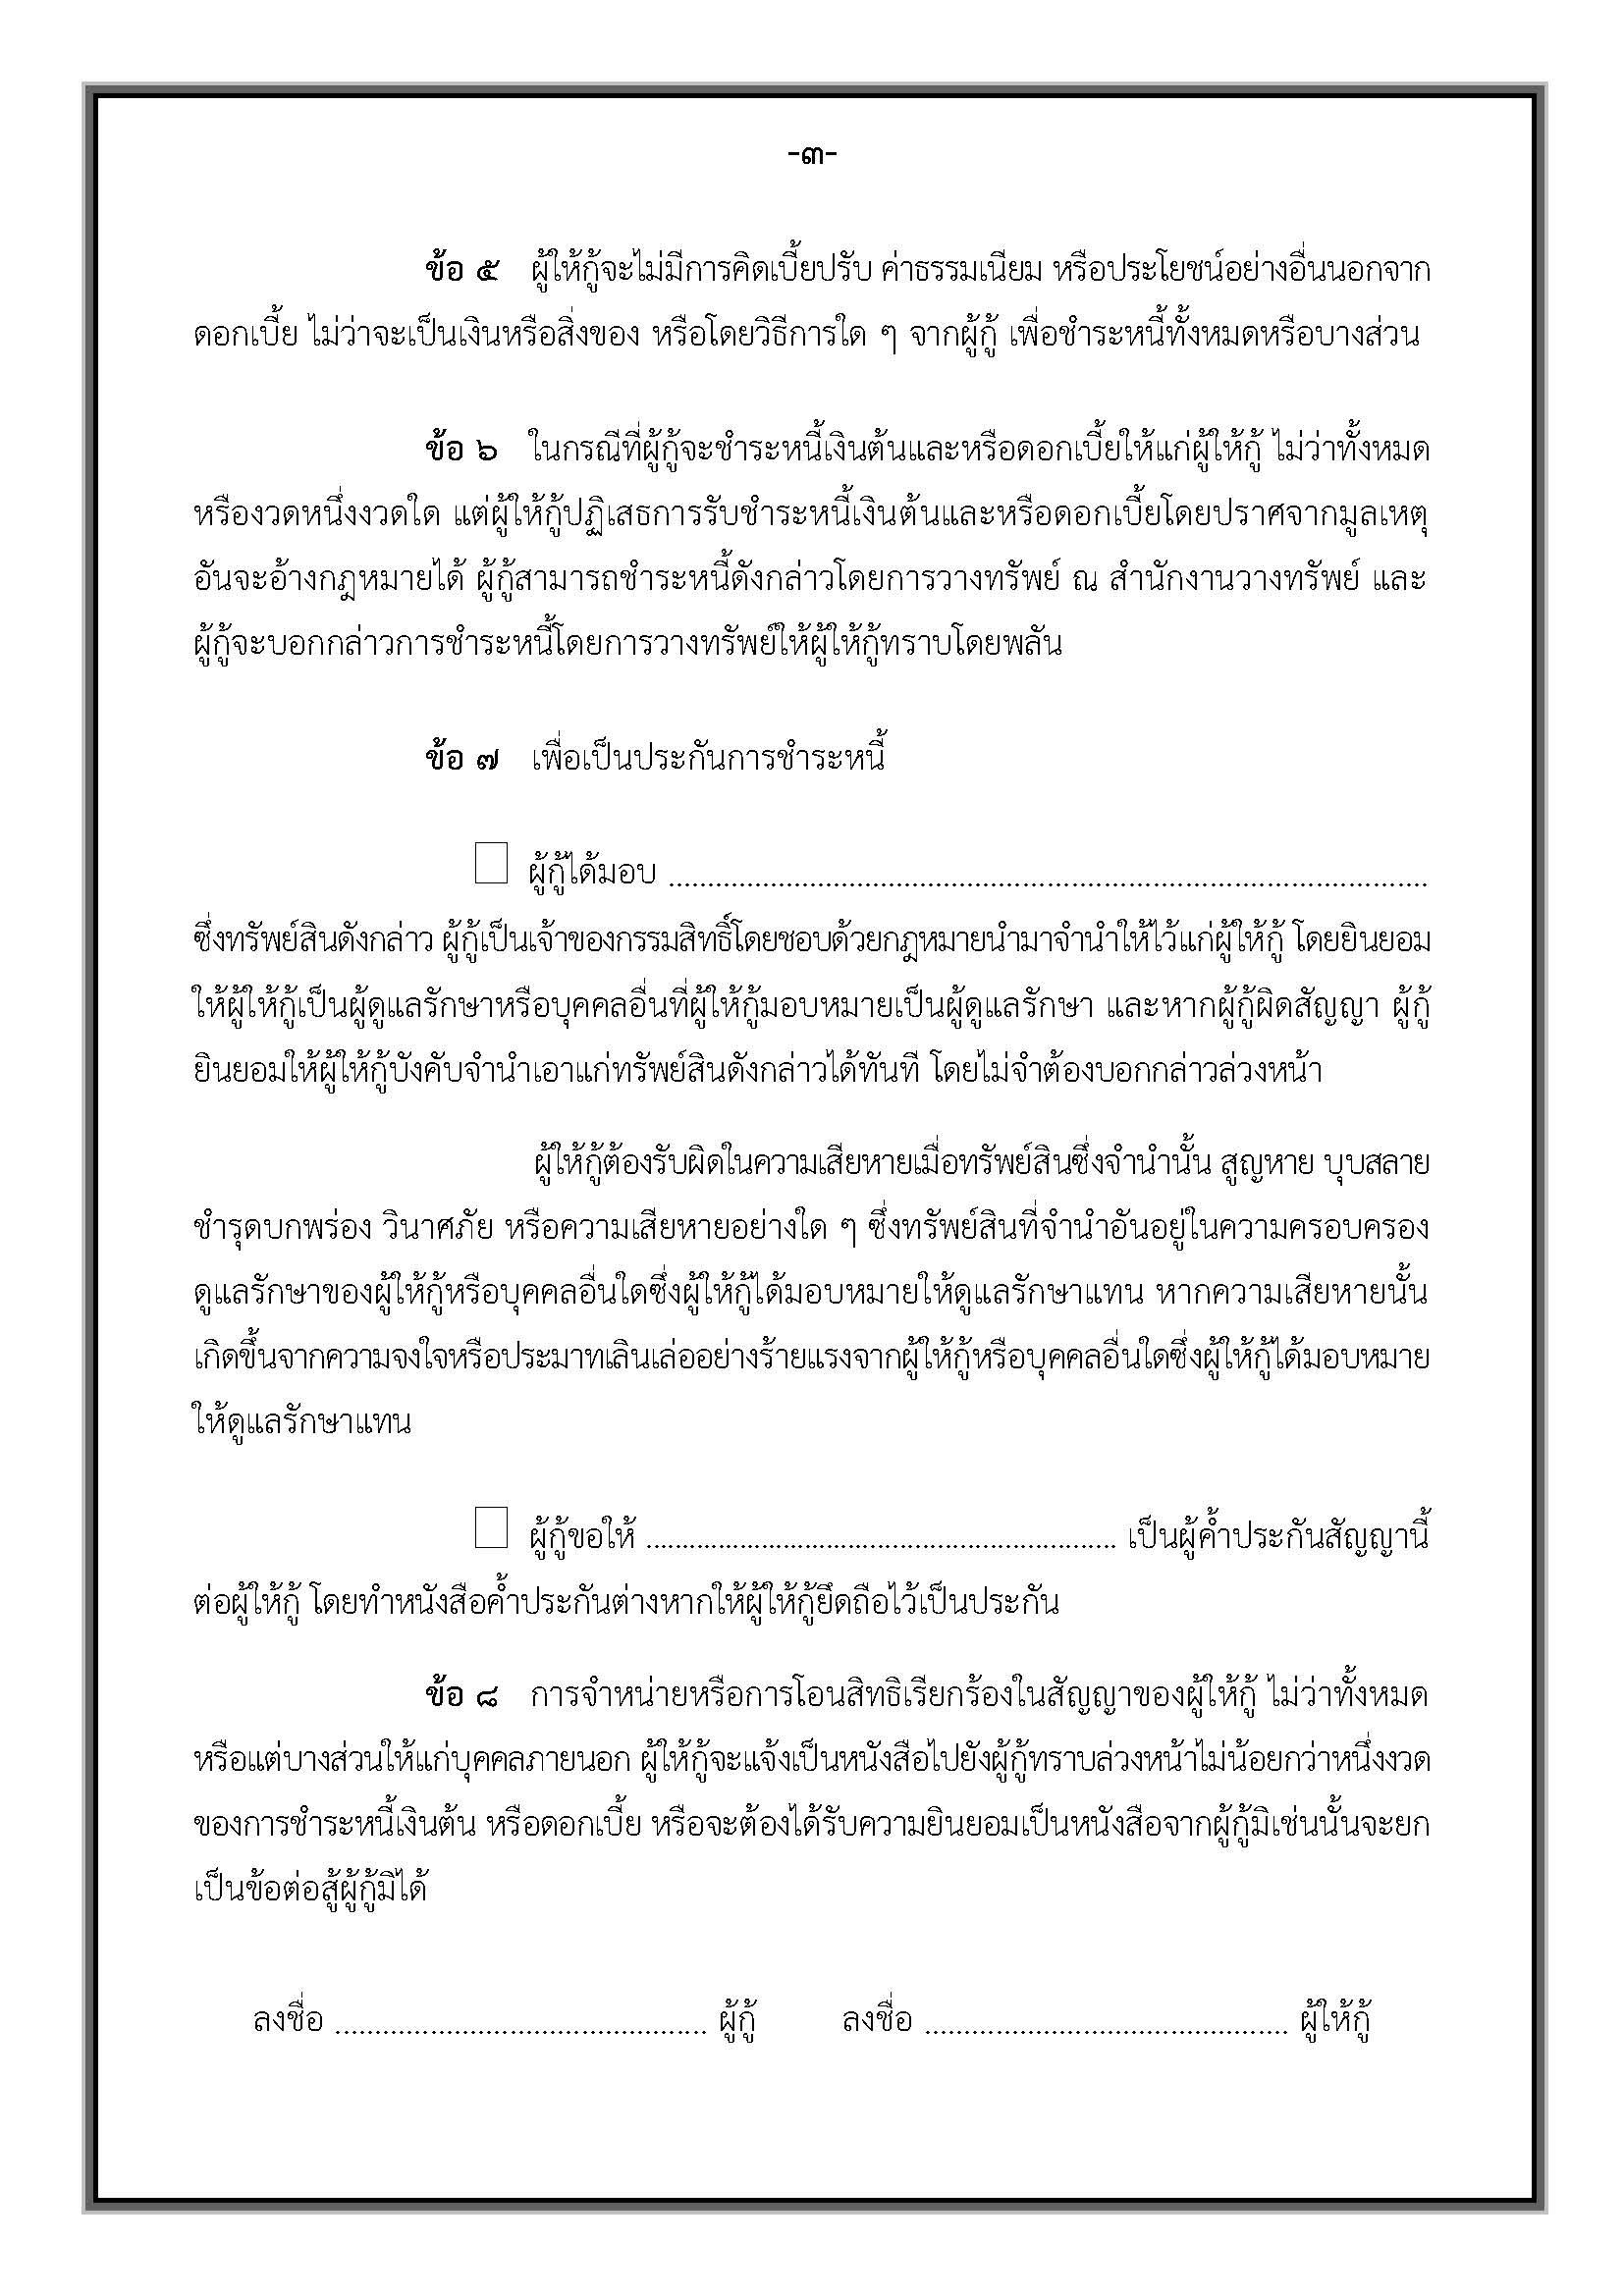 คำแนะนำ-สัญญากู้ยืมเงิน_Page_28